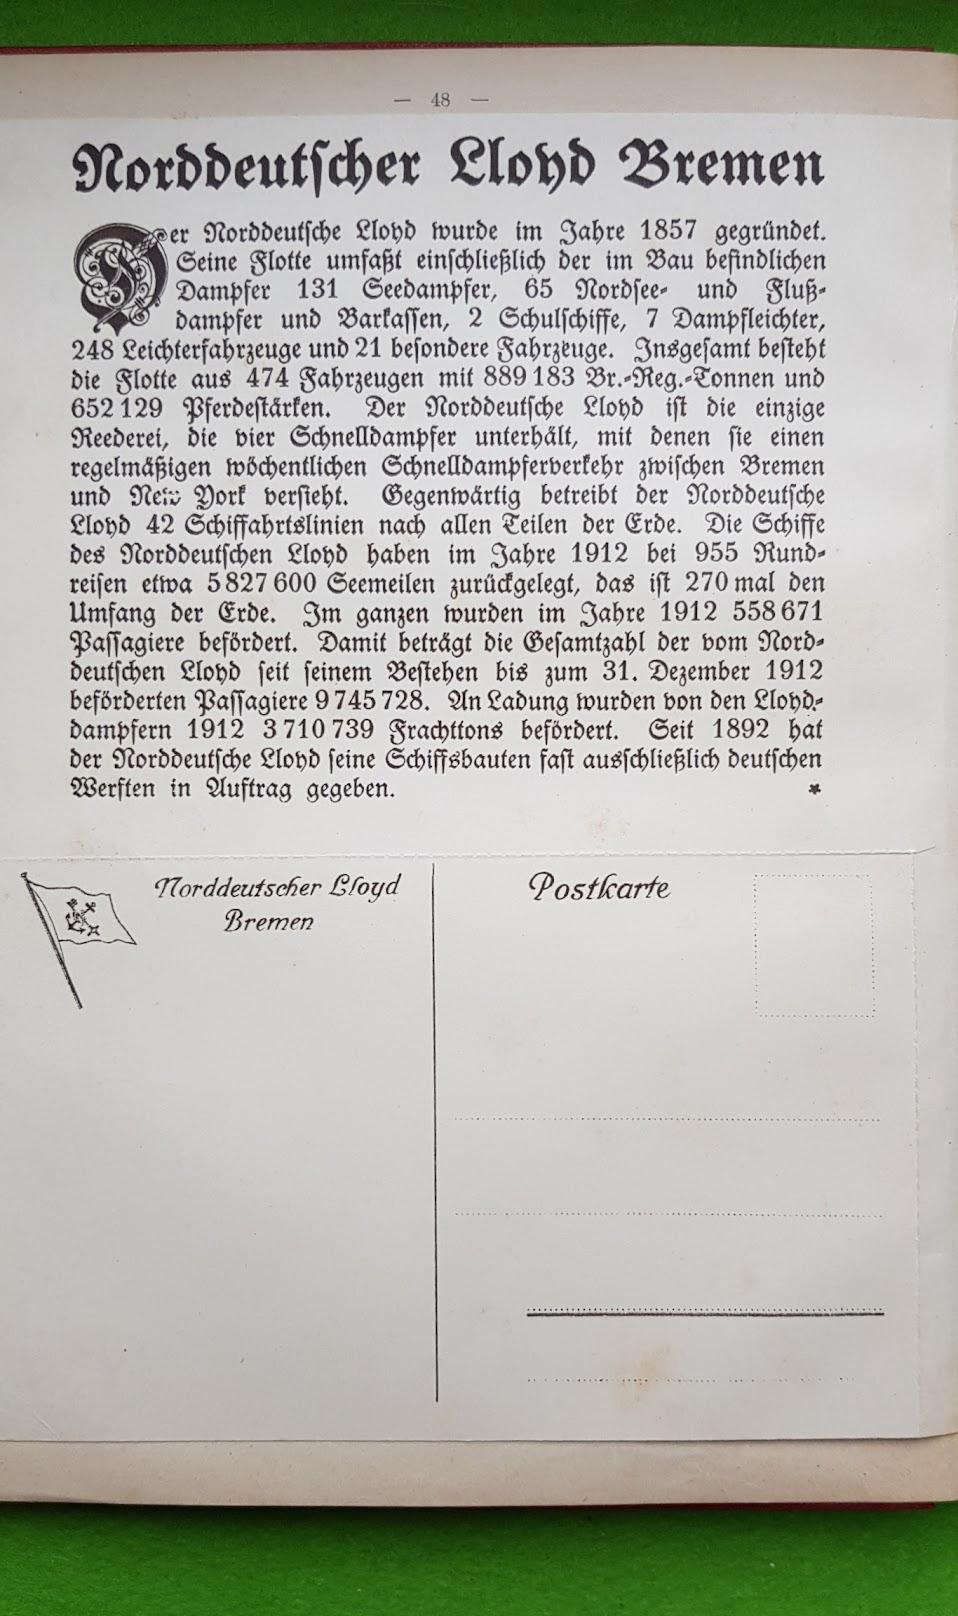 Großer Volkskalender des Lahrer hinkenden Boten - 1914 - Werbung Norddeutscher Lloyd Bremen